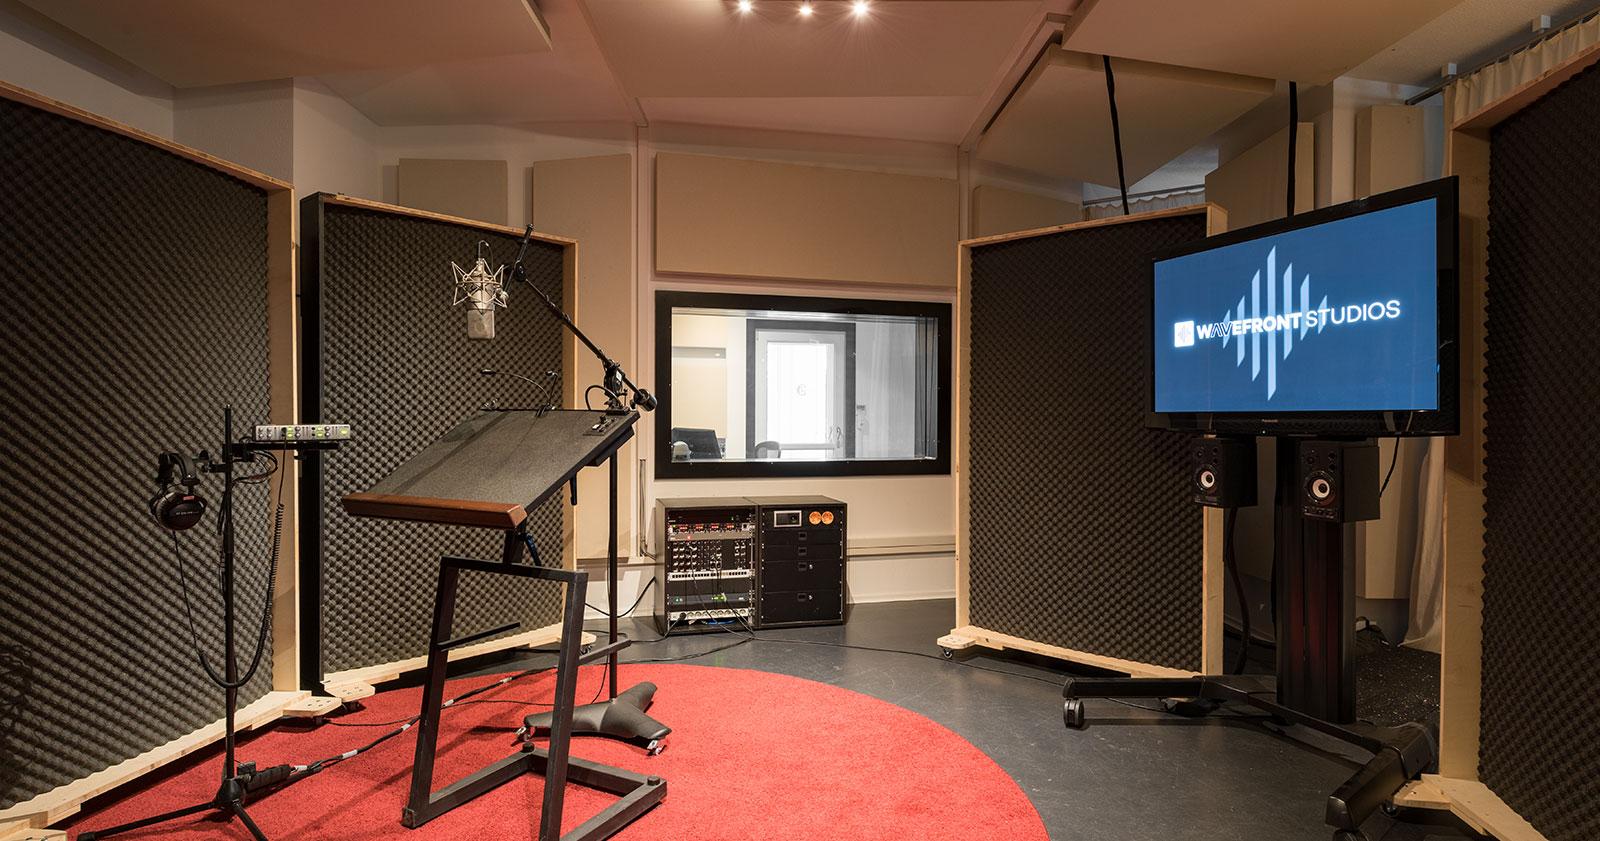 Studio Aufnahme